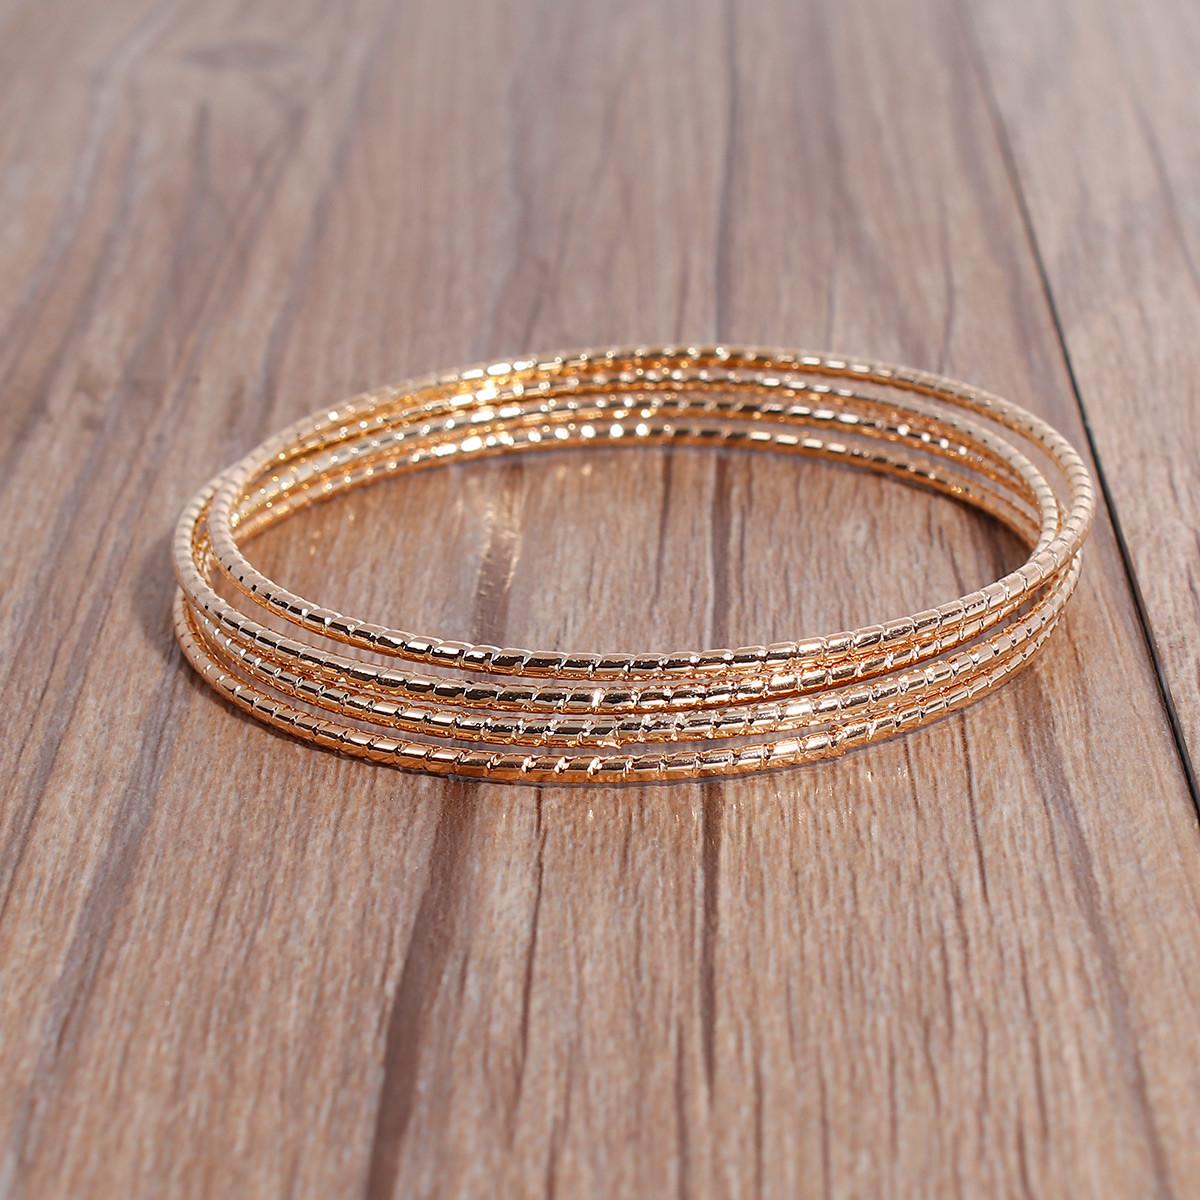 Браслет-кольцо заготовка 22см золото для рукоделия